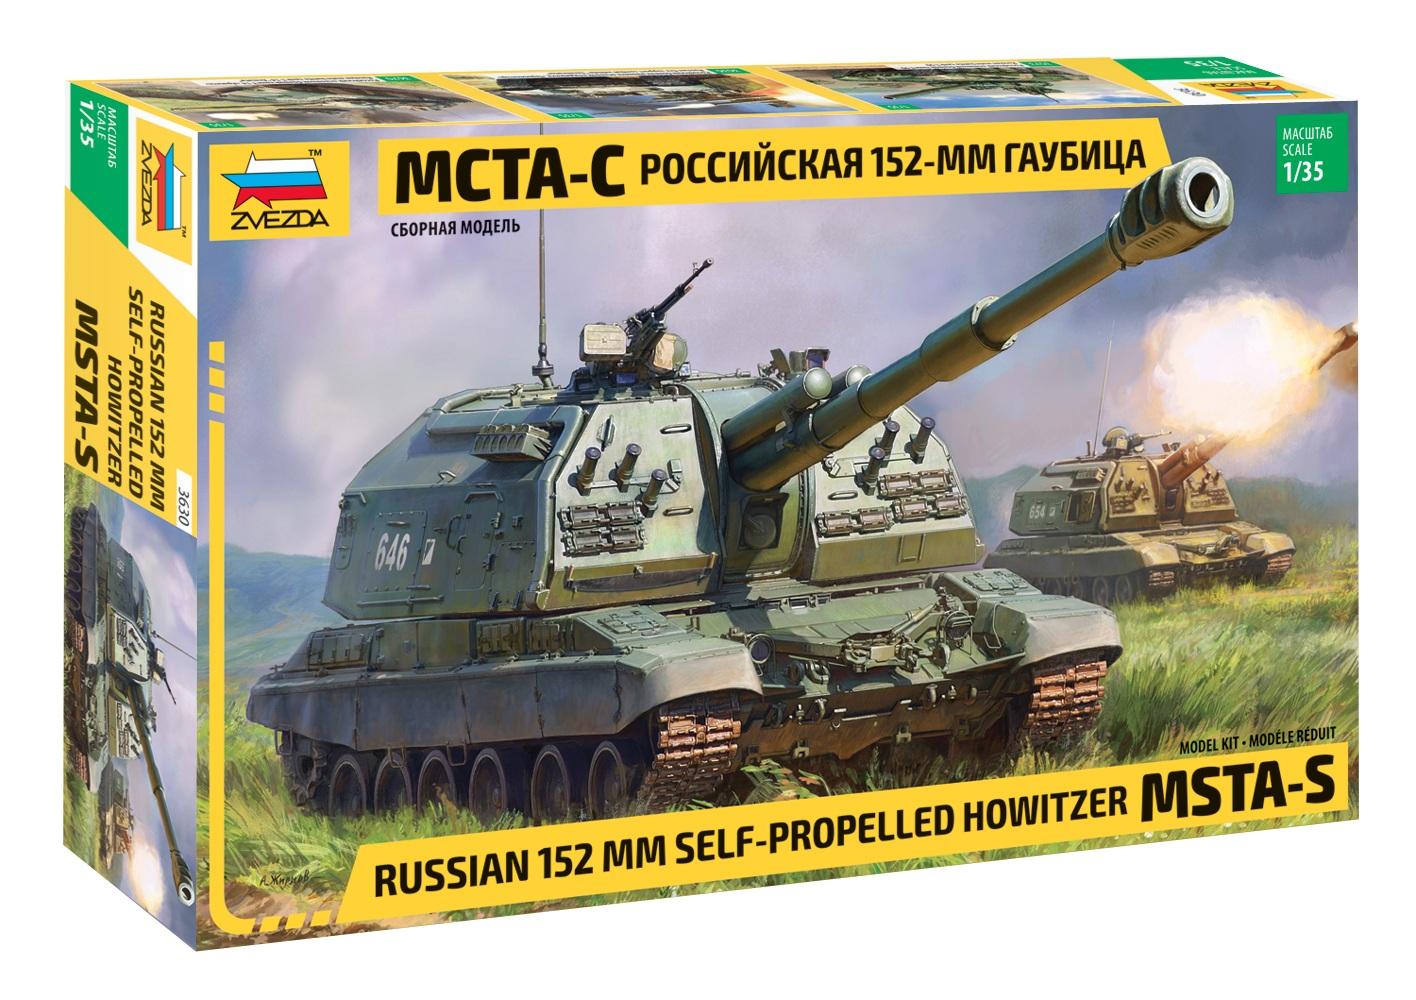 Модель сборная - Российская самоходная 152-мм артиллерийская установка Мста-СМодели танков для склеивания<br>Модель сборная - Российская самоходная 152-мм артиллерийская установка Мста-С<br>